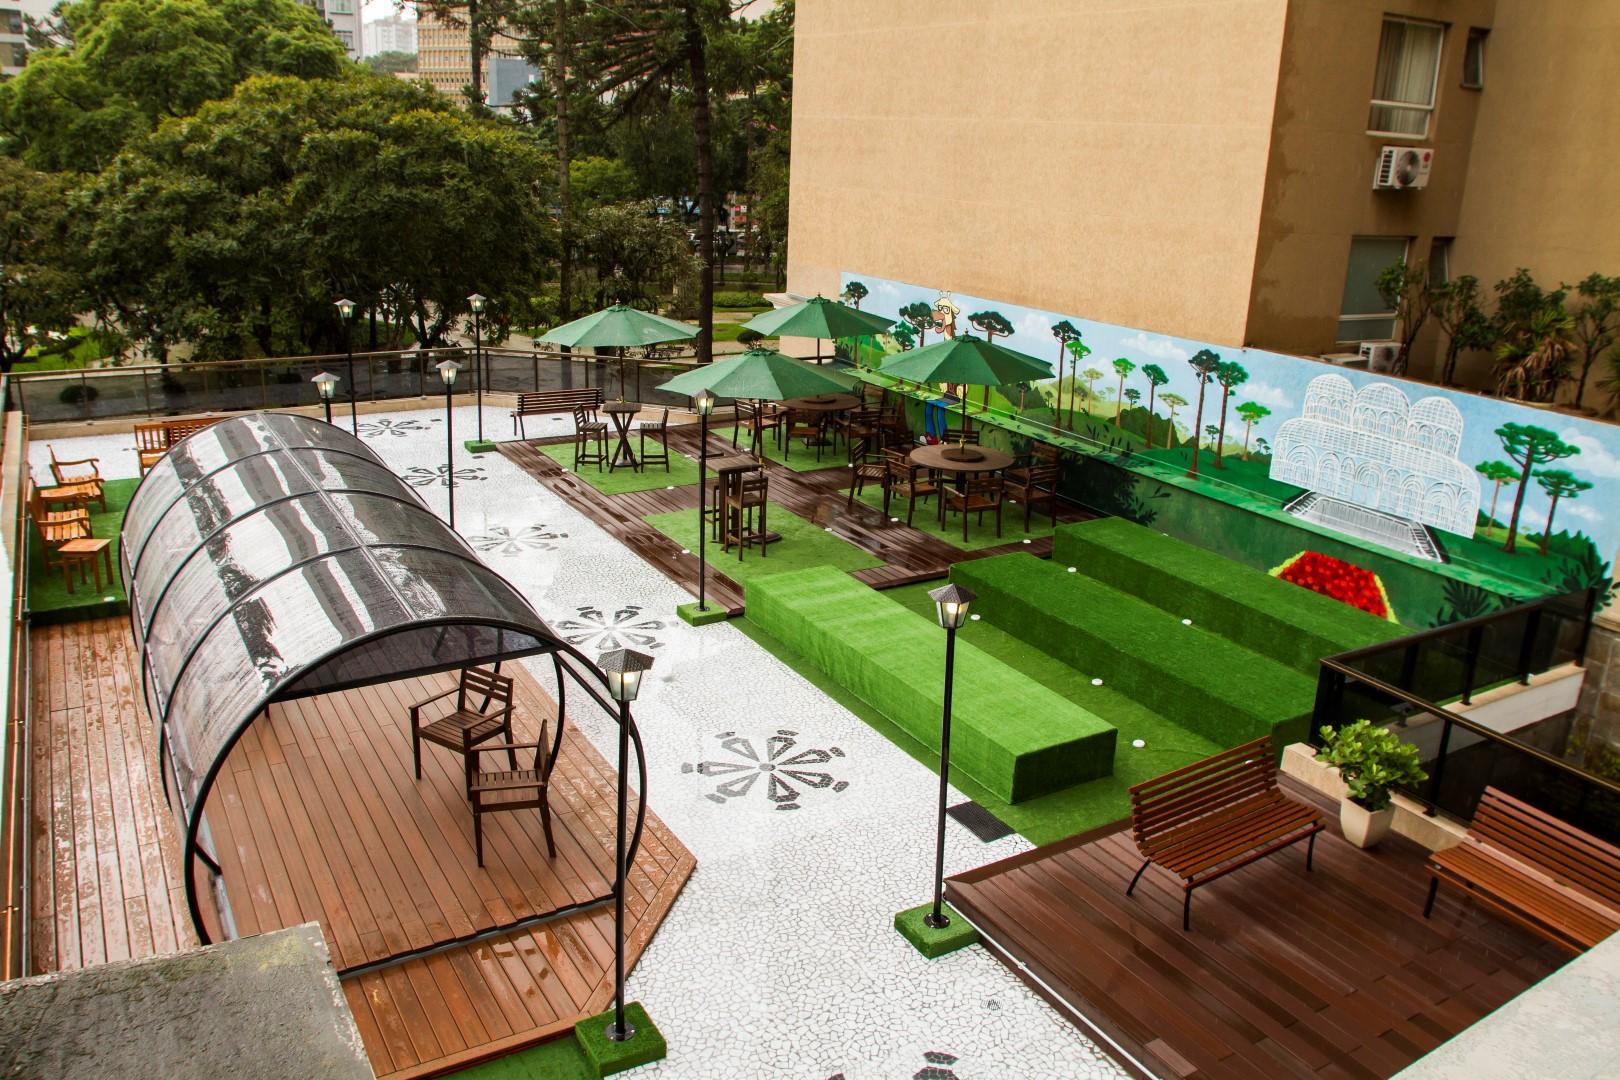 Espaço de convívio em homenagem a Curitiba na sede da MadeiraMadeira. Foto: Ana Gabriella Amorim / Gazeta do Povo